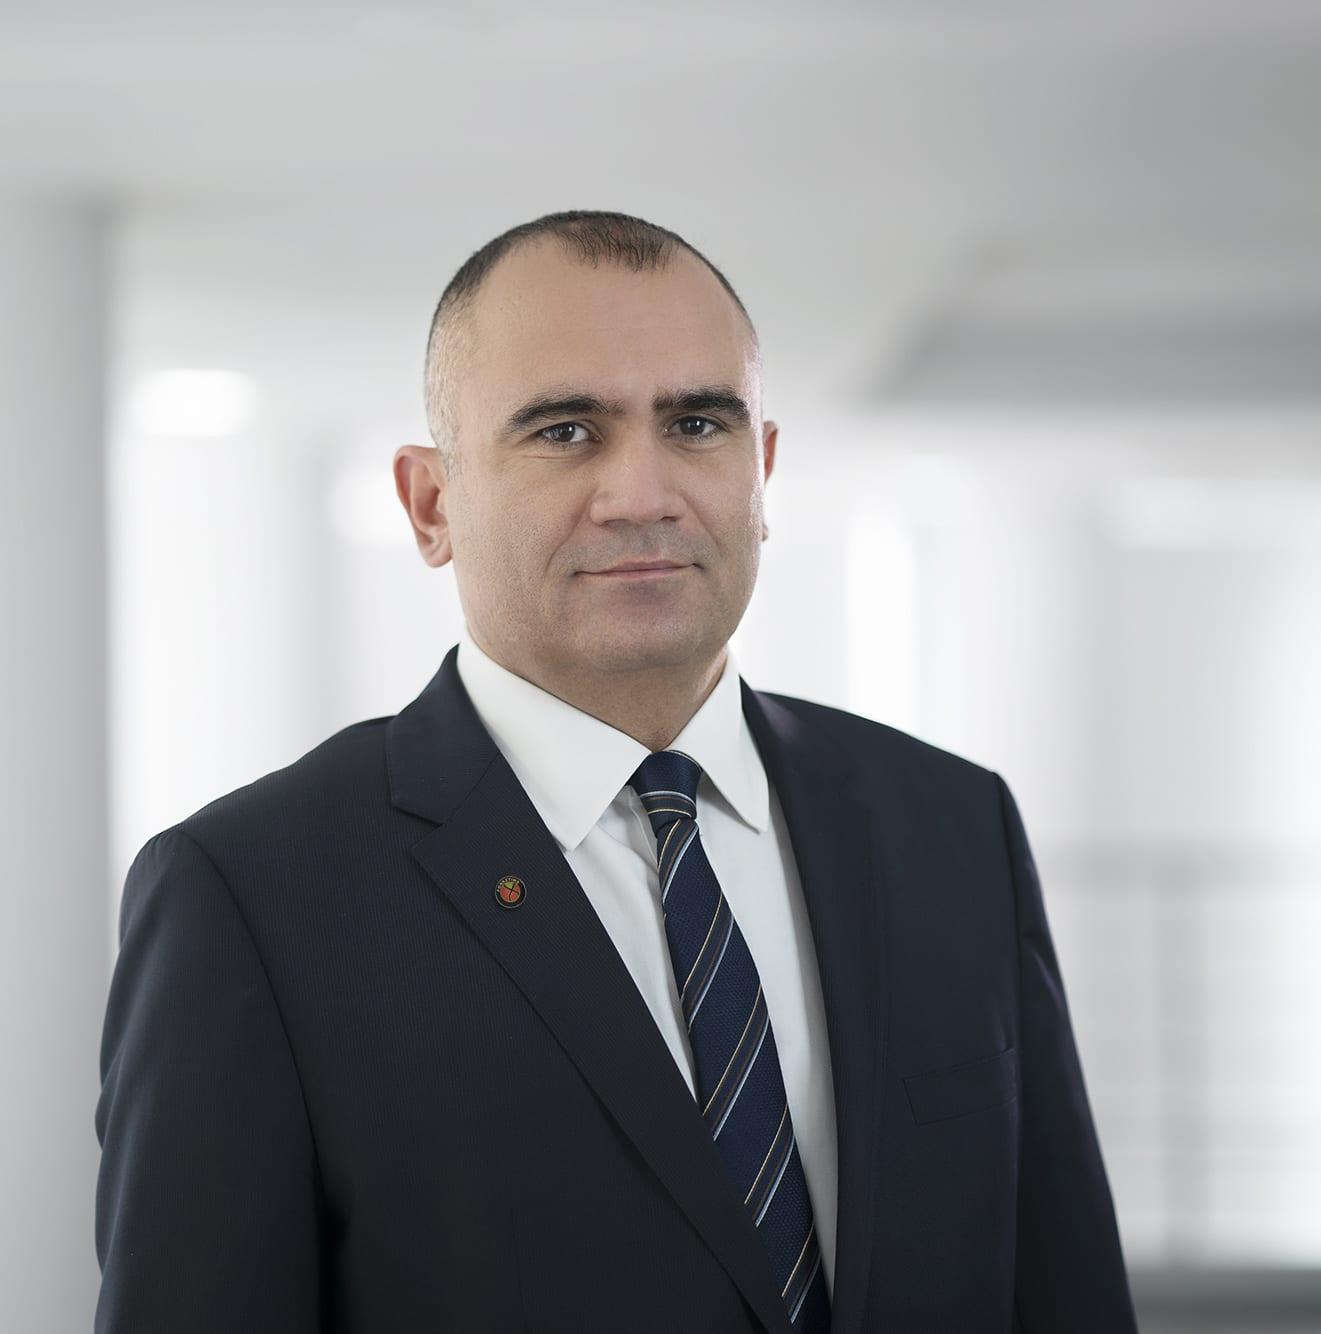 Nicholas Defteras FXTM CEO